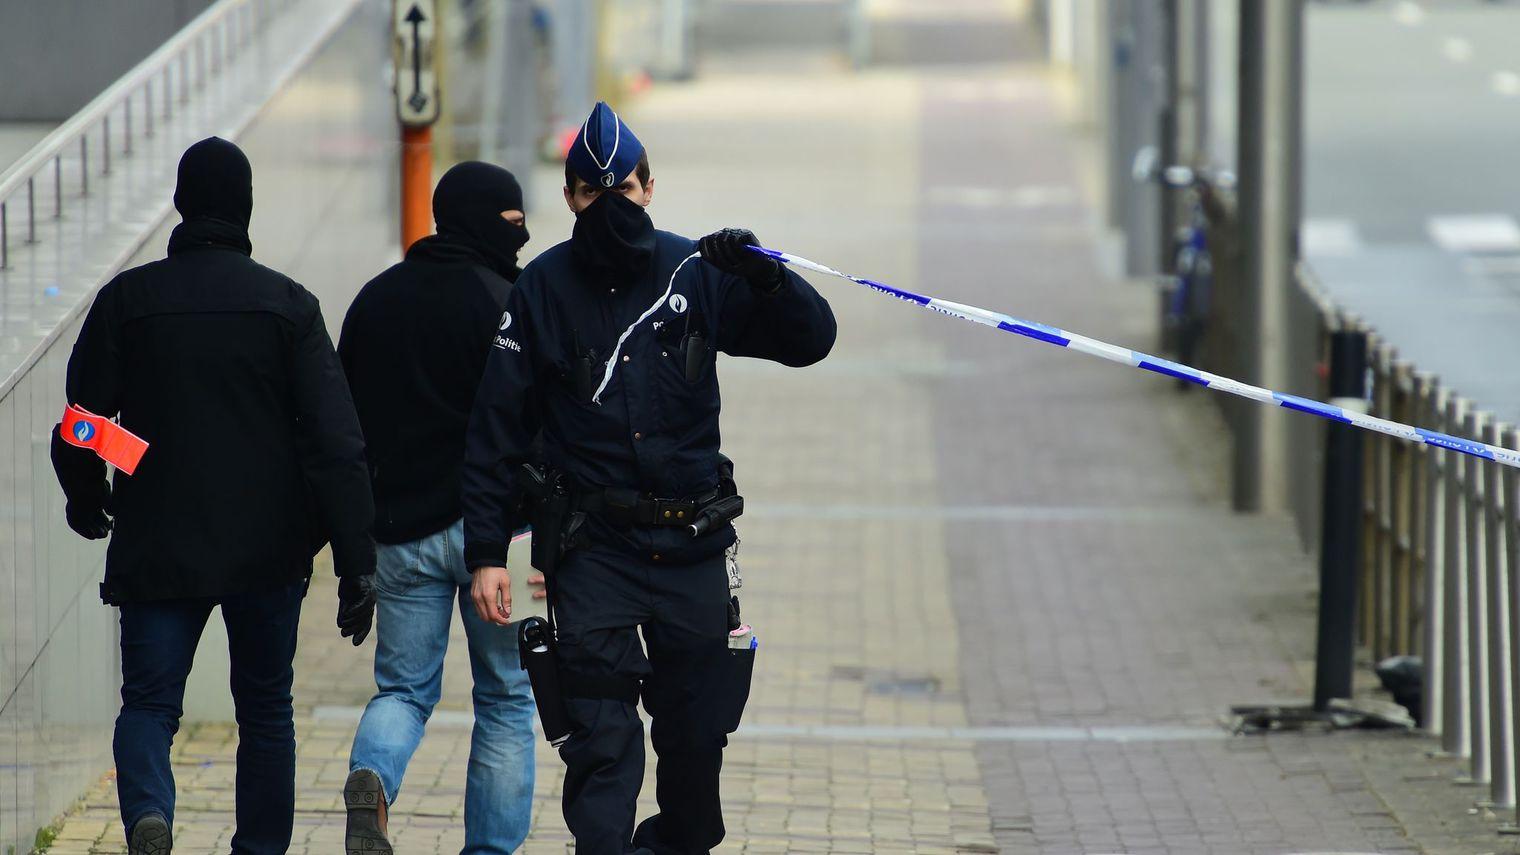 Deux nouvelles inculpations liées aux attentats de Bruxelles